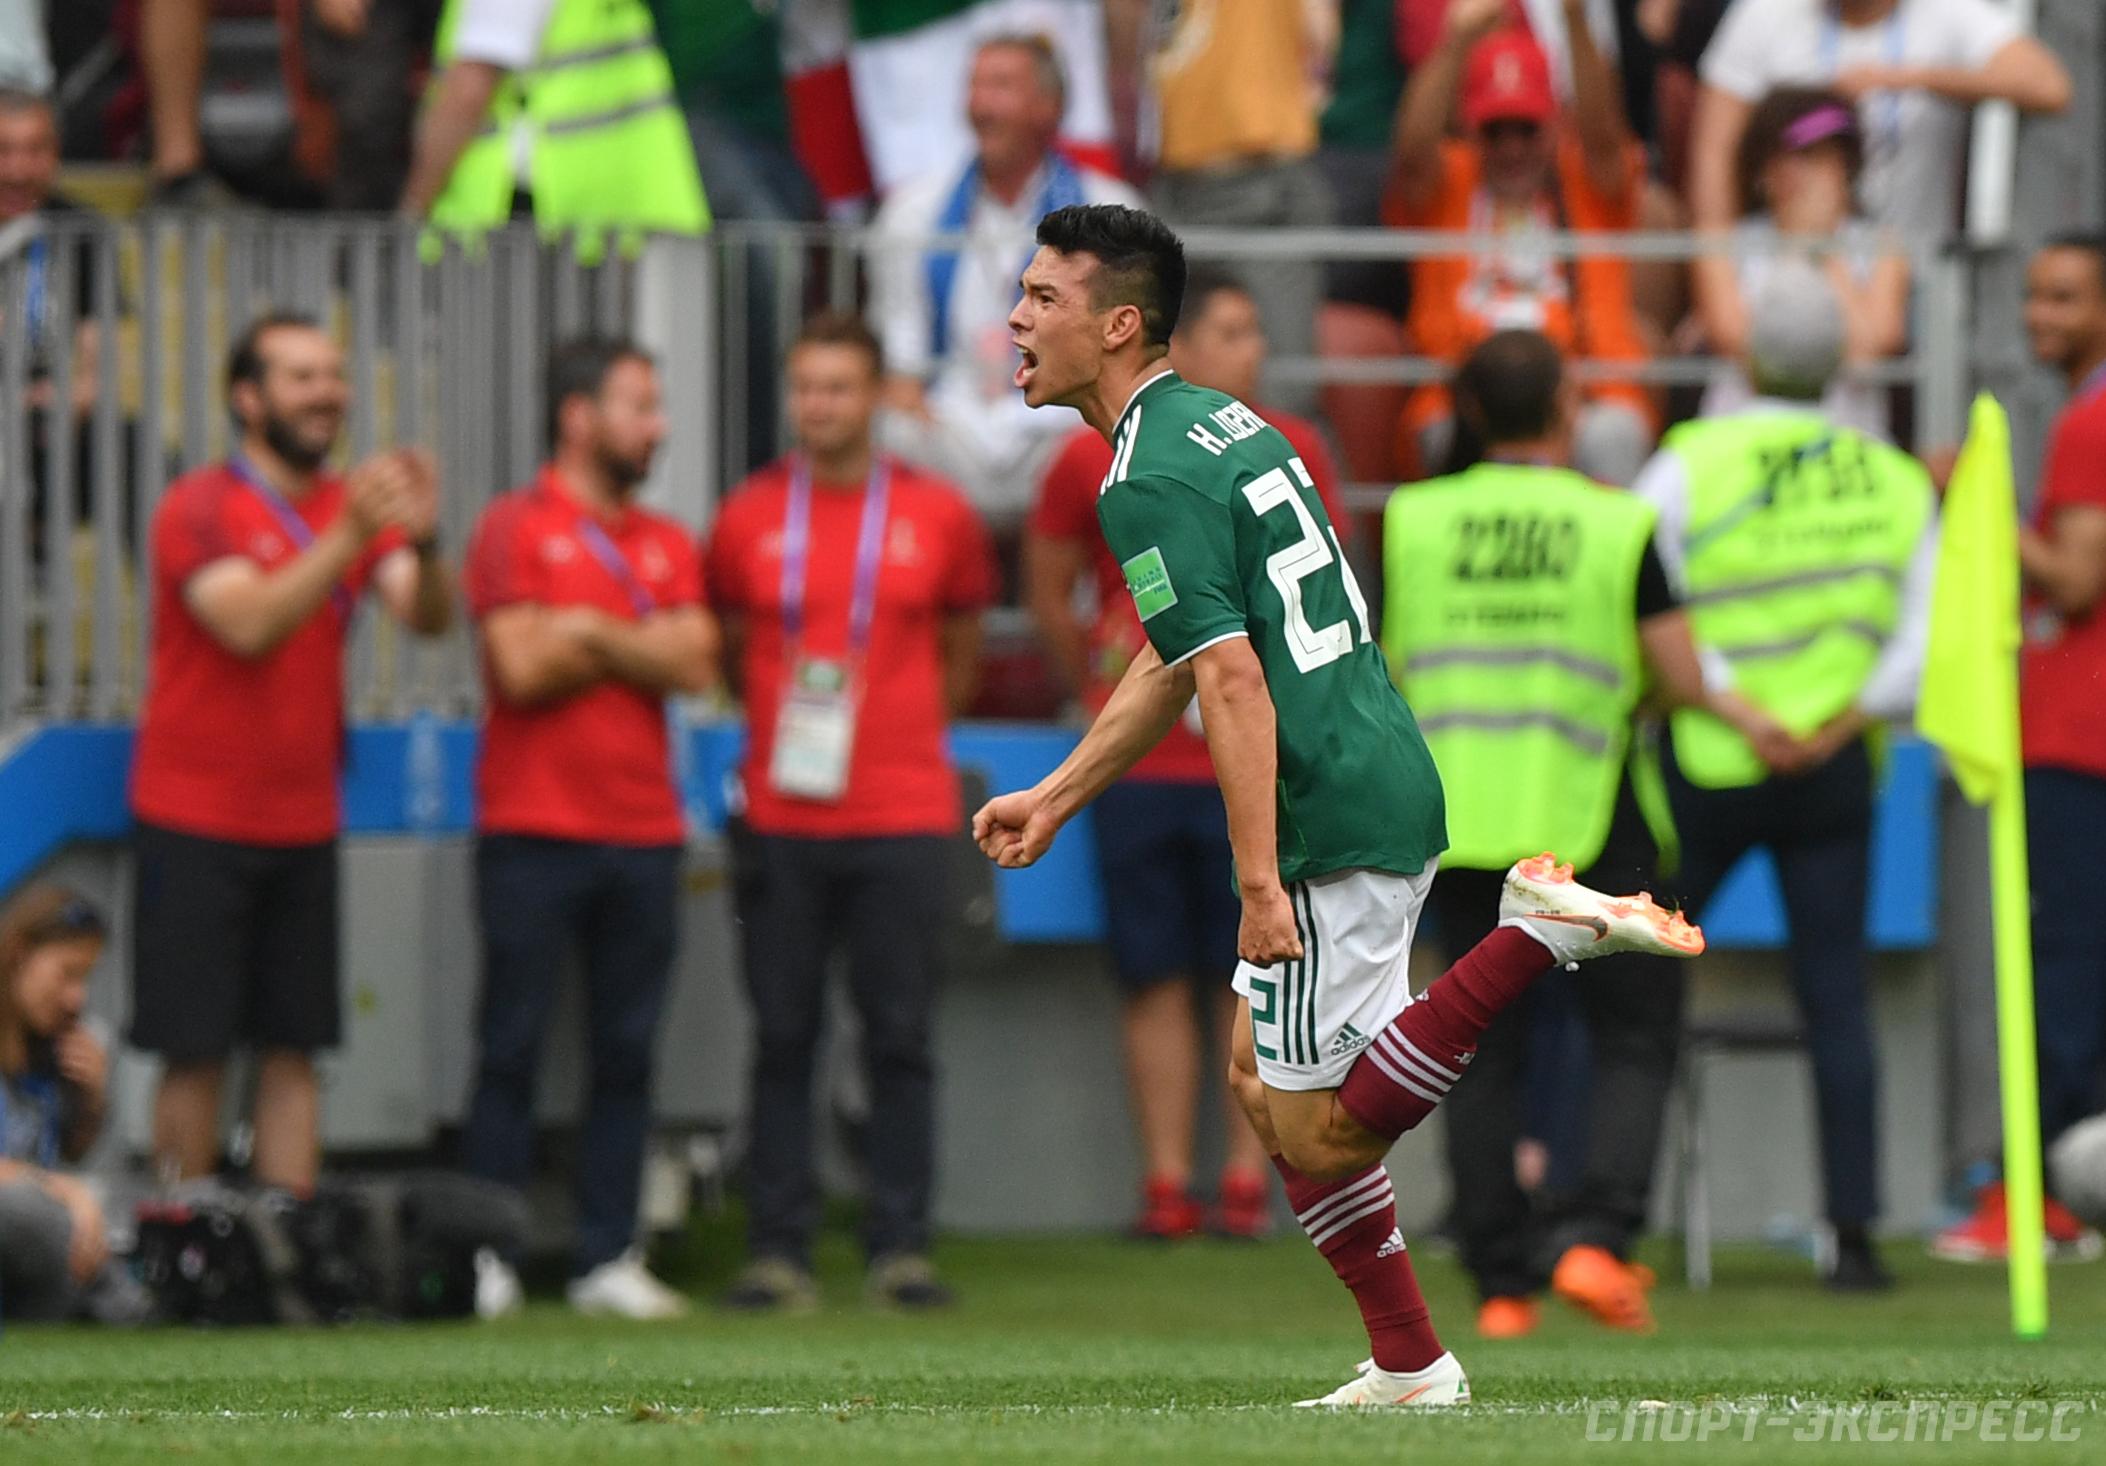 Прогноз на матч Германия - Мексика 17 июня 2018